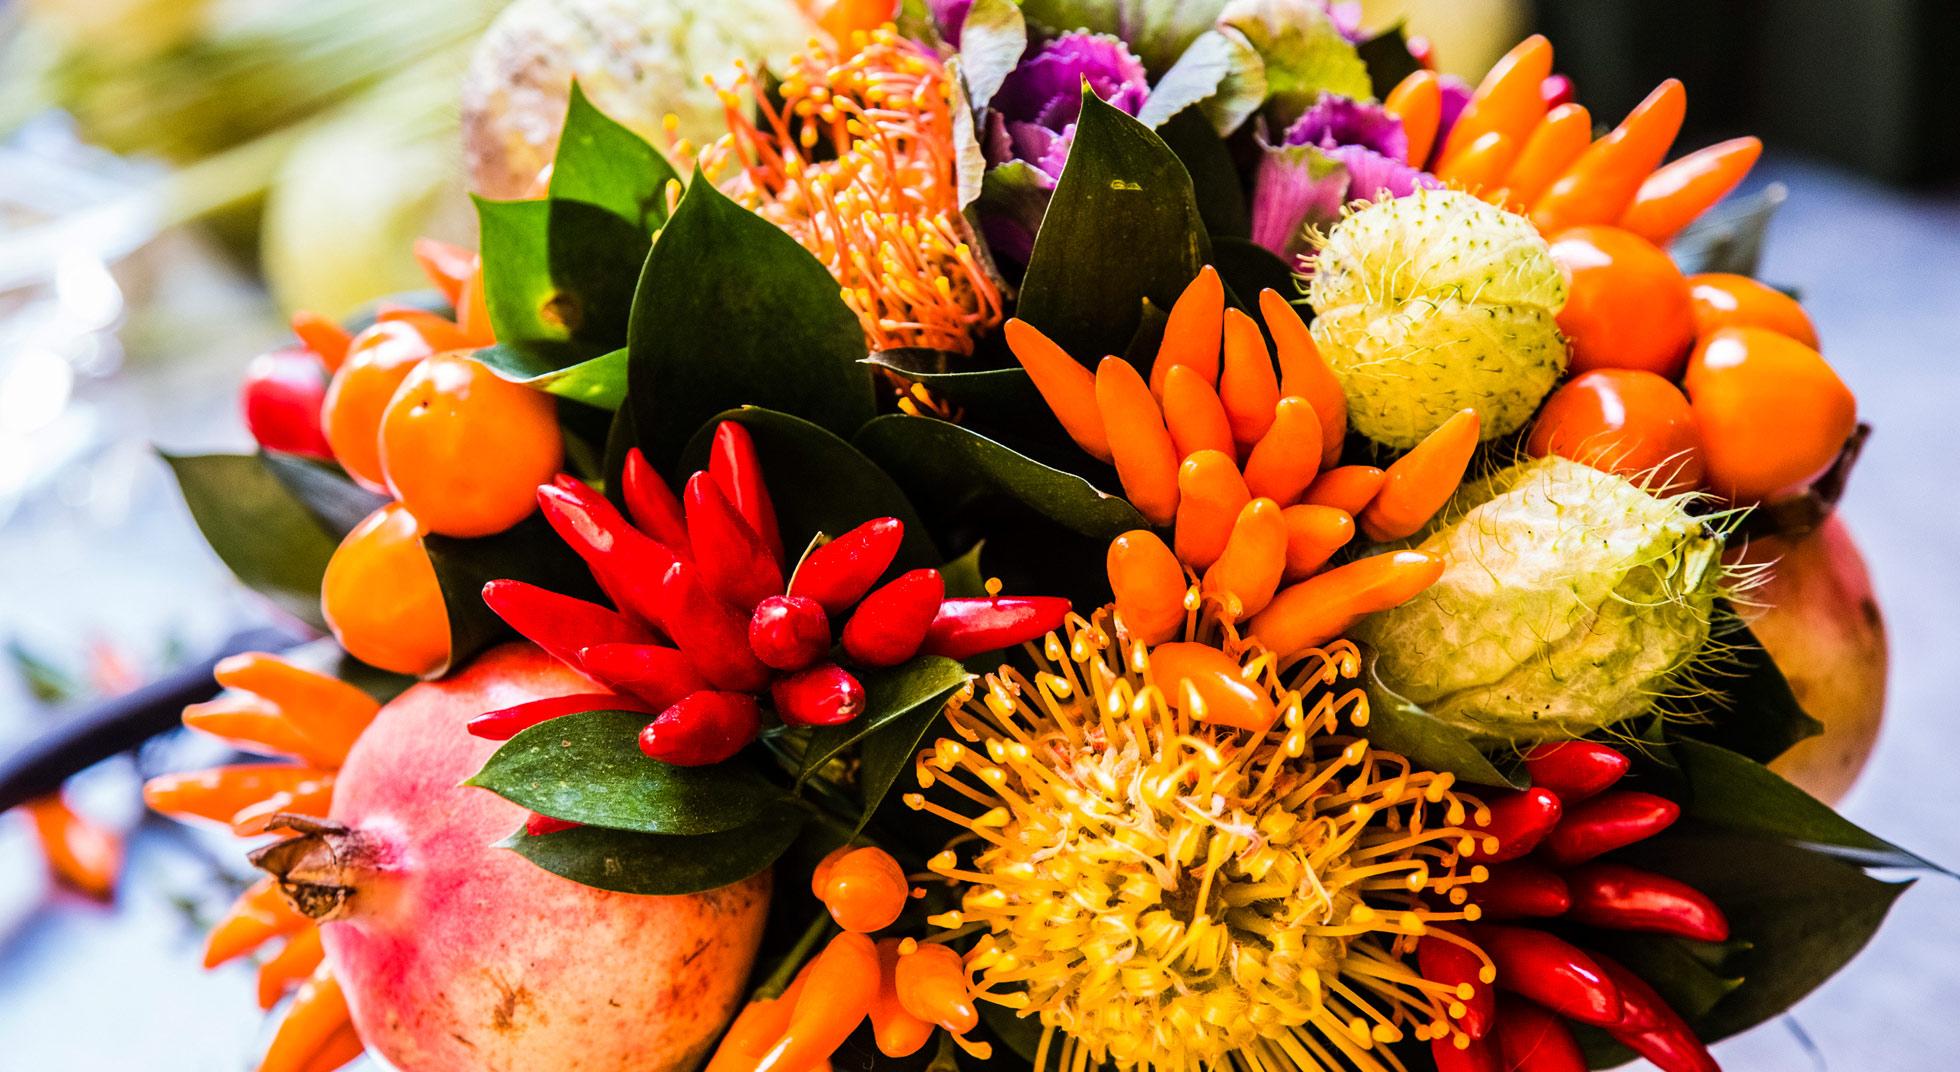 Come decorare la tavola con la frutta 5 idee da copiare - Decorazioni con frutta essiccata ...